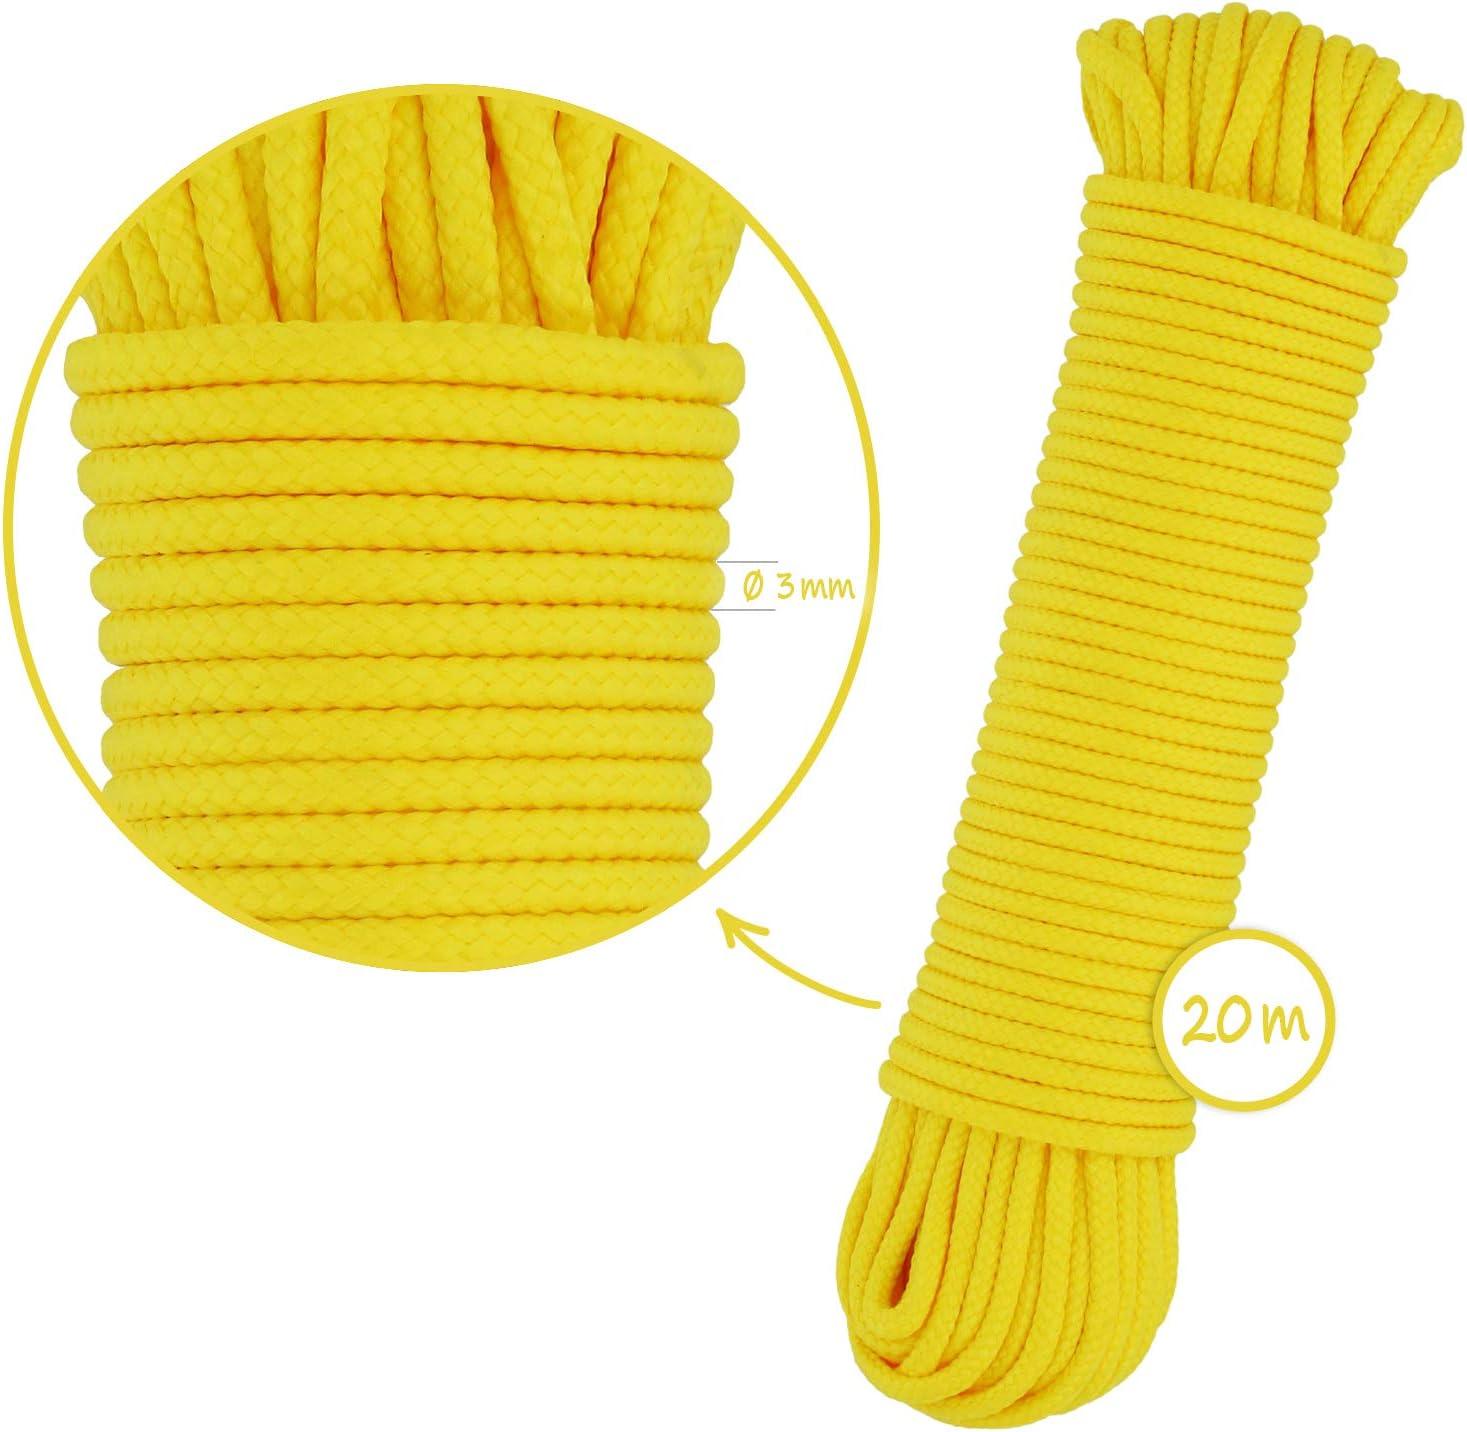 com-four/® 2X 12m Cuerda Multiusos l/ínea de Amarre Cuerda de Polipropileno 24 Metros - Verde cord/ón de sujeci/ón vers/átil l/ínea Trenzada para Regalos de Bricolaje